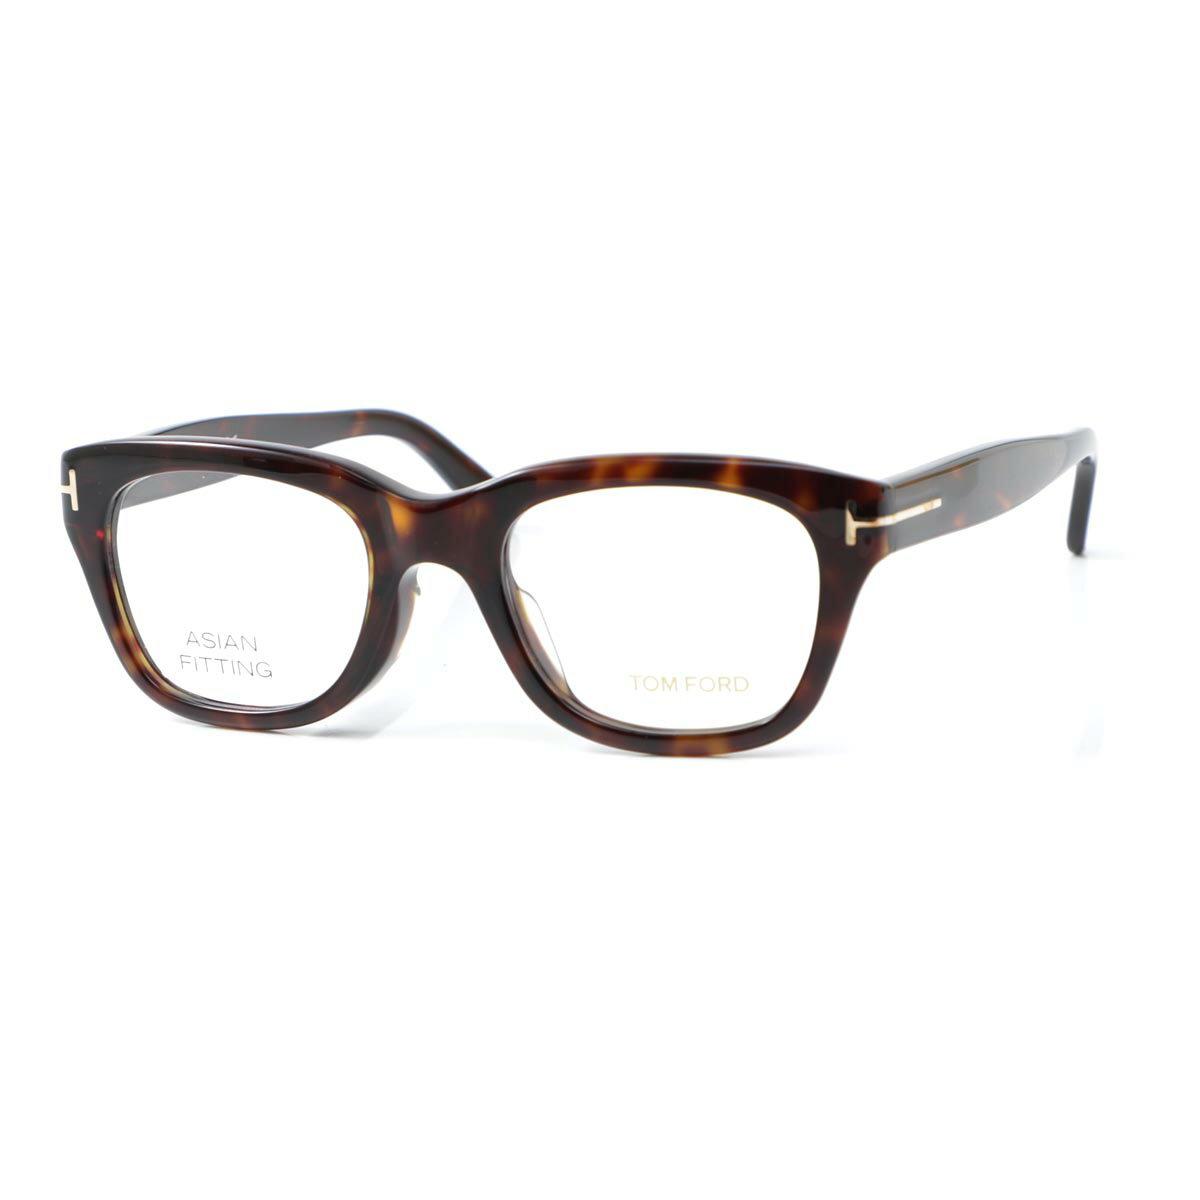 トムフォード TOM FORD 眼鏡 メガネ ブラウン メンズ フレーム ft5178 052 CLASSIC SOFT SQUARE スクエア【あす楽対応_関東】【ラッピング無料】【返品送料無料】